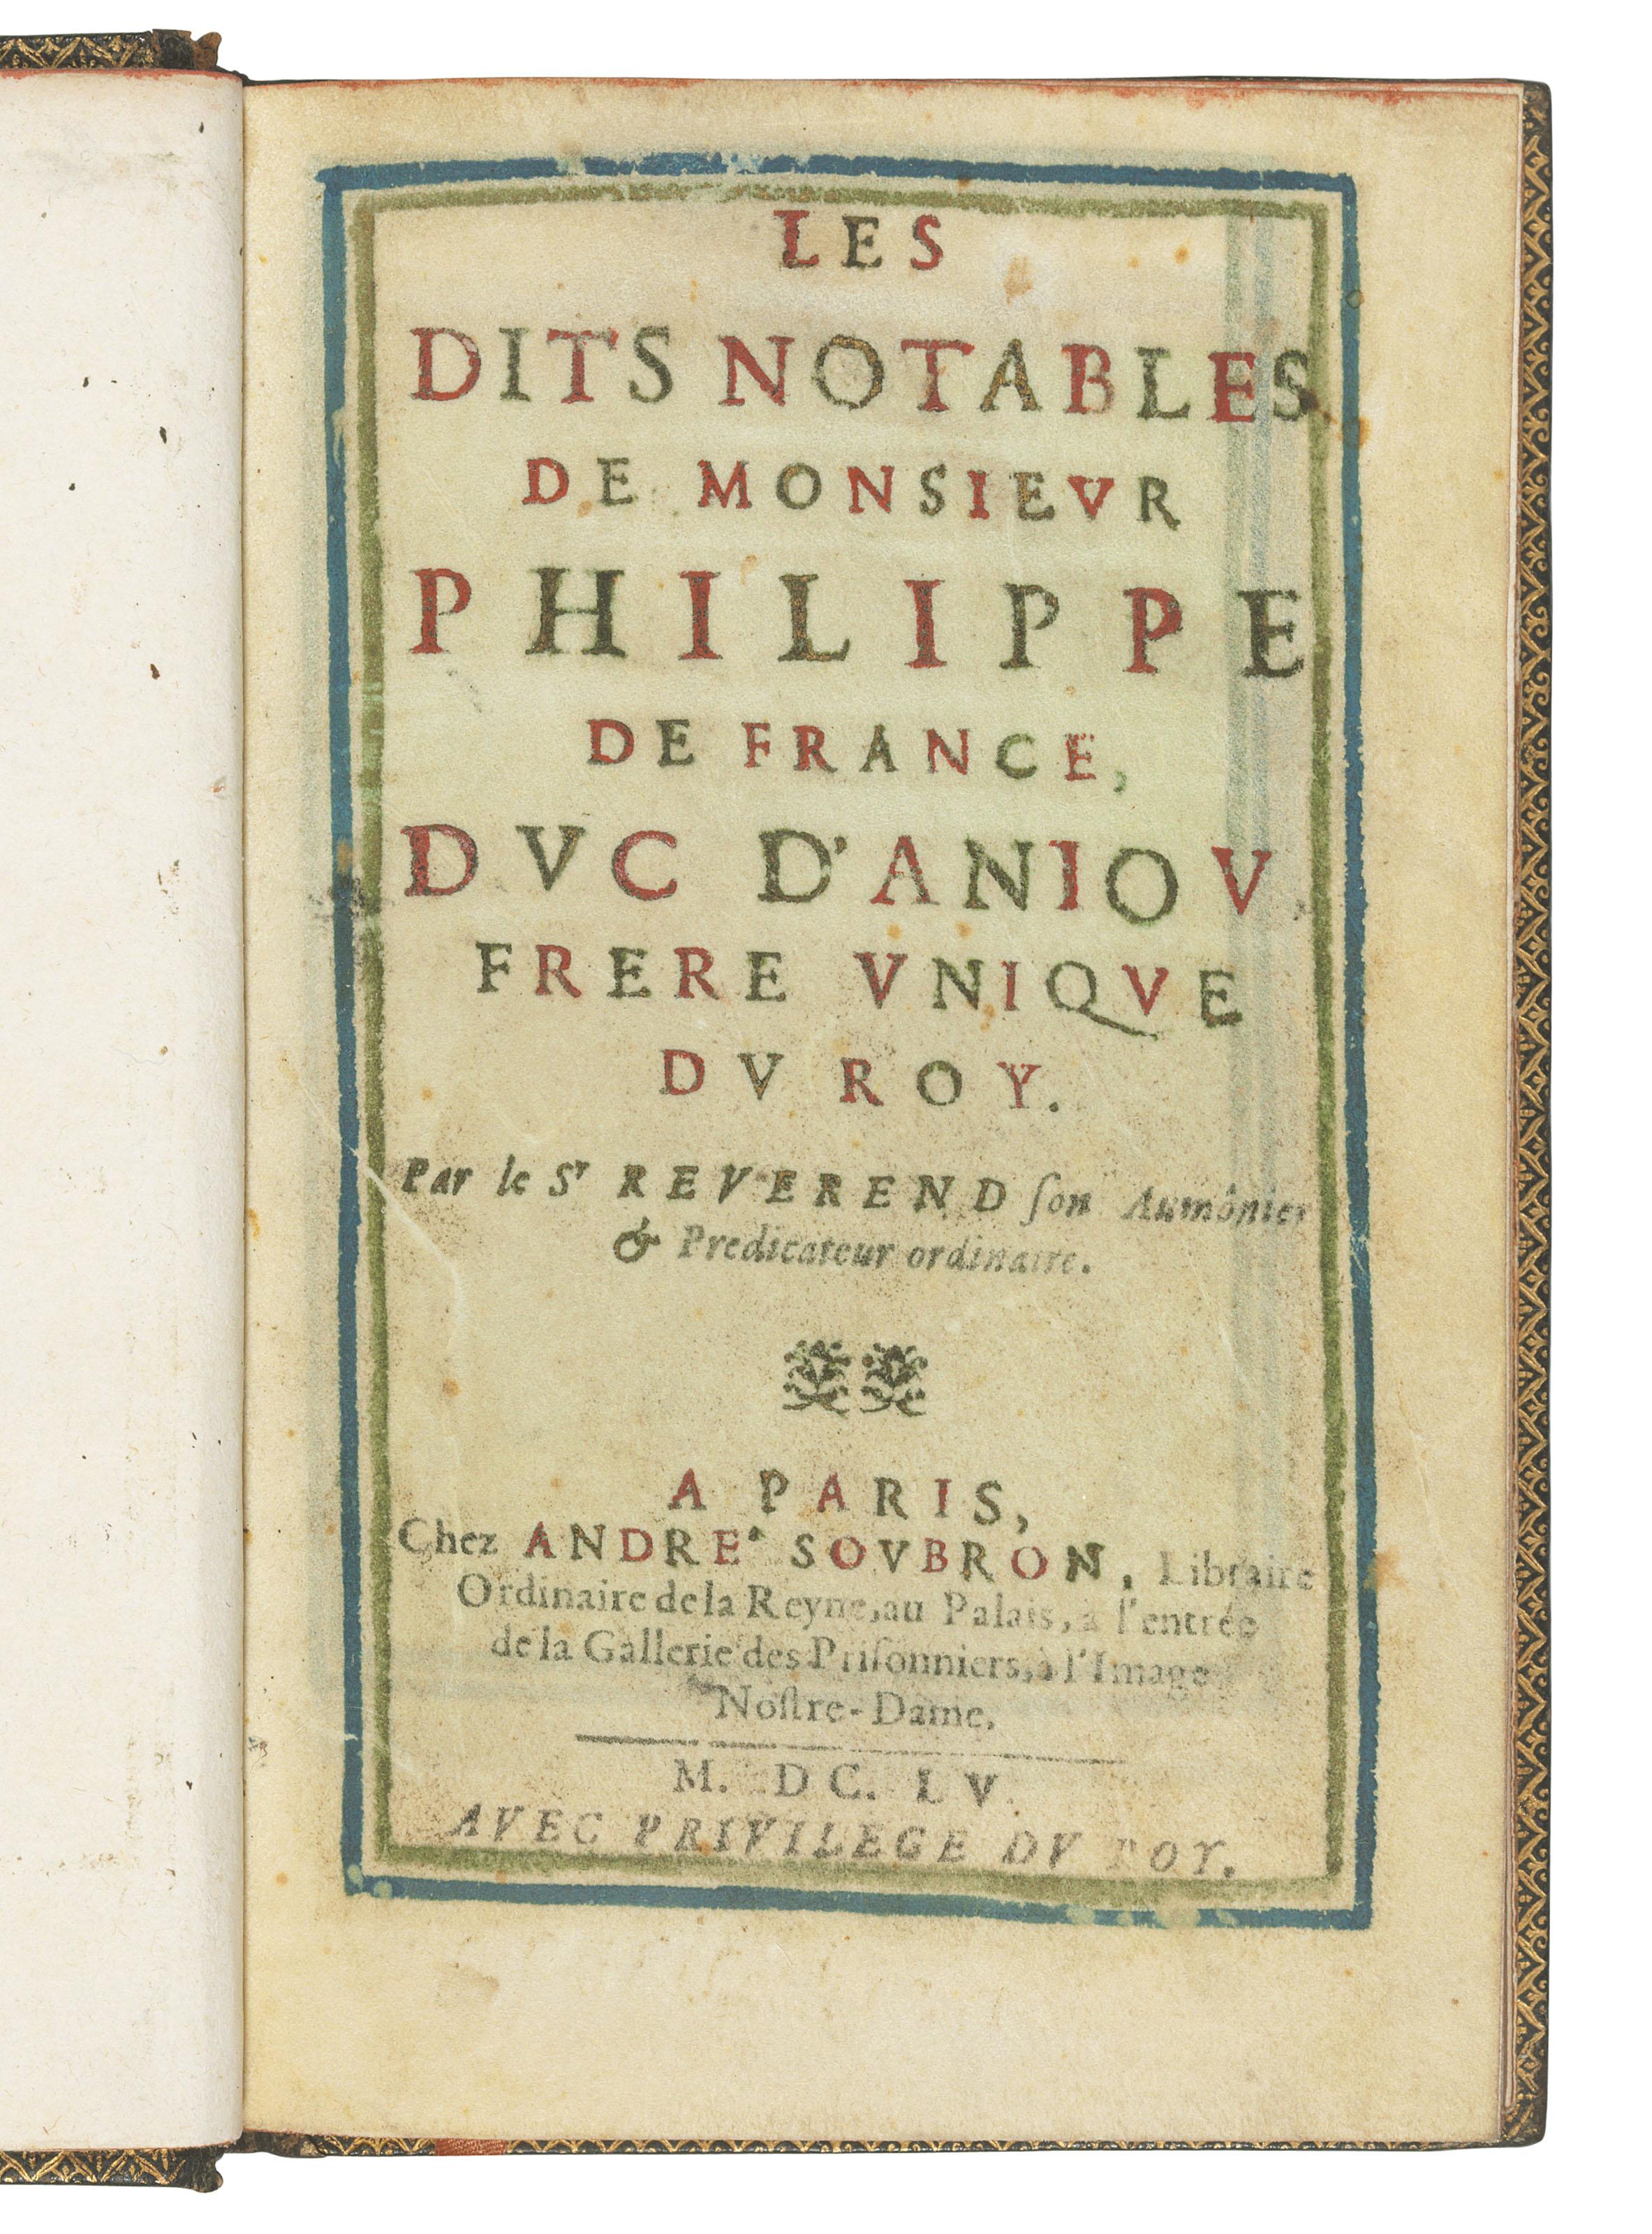 REVEREND, Jean, aumônier (fl.1600s). Les dits notables de Monsieur Philippe...